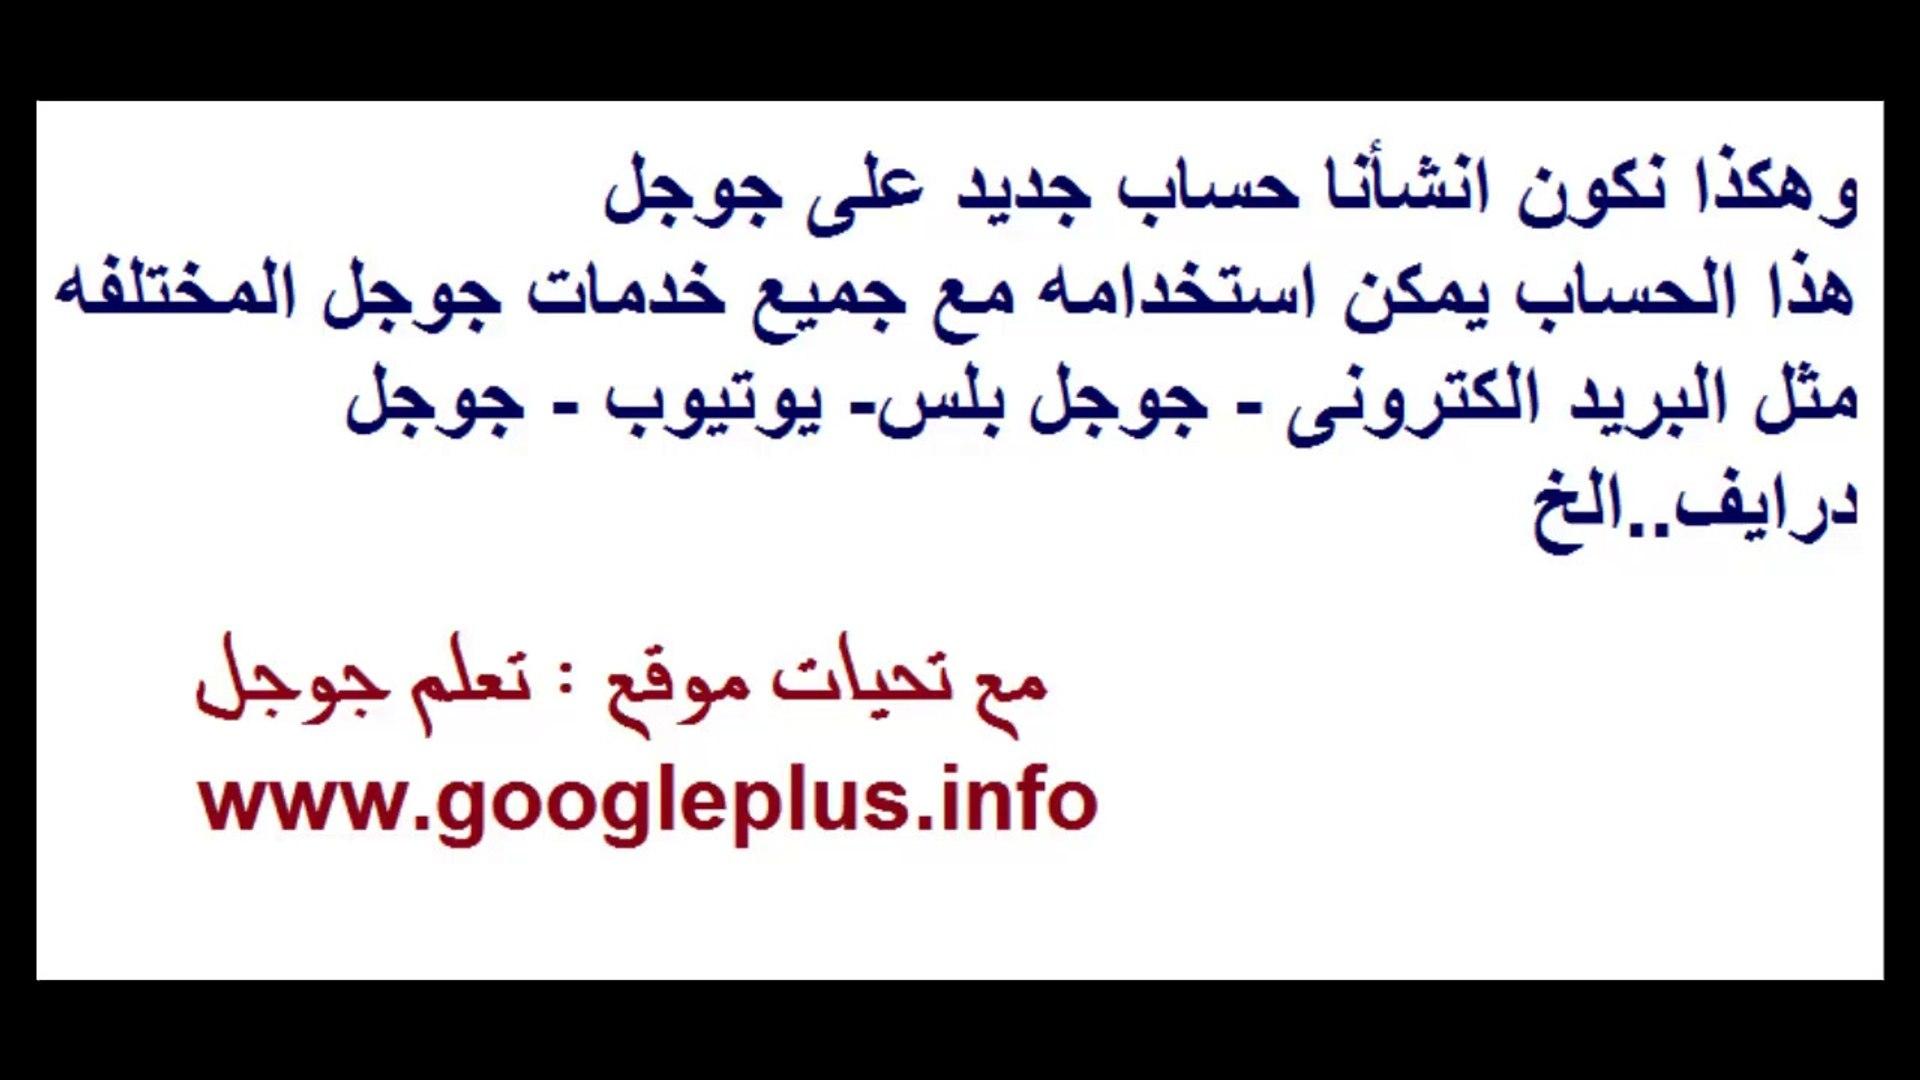 شرح طريقه التسجيل فى جوجل بلس